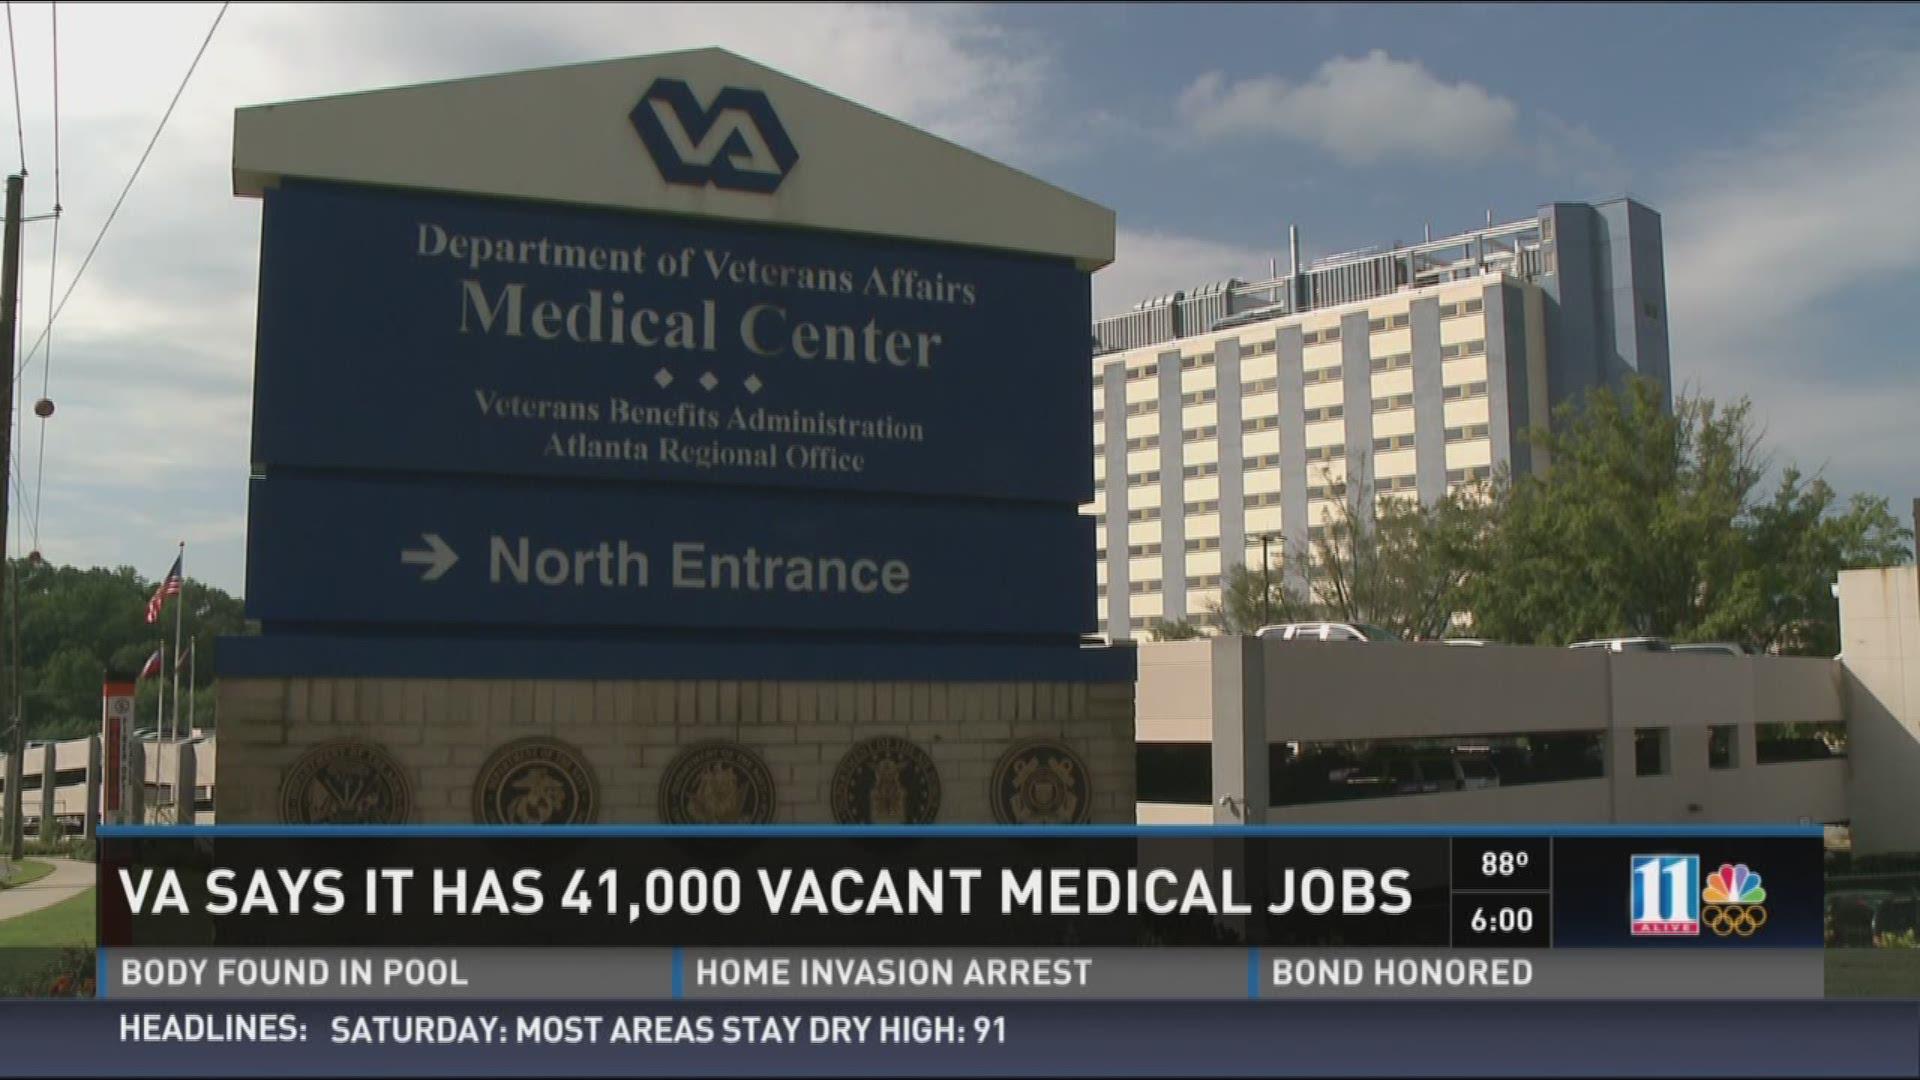 VA says it has 41,000 vacant medical jobs